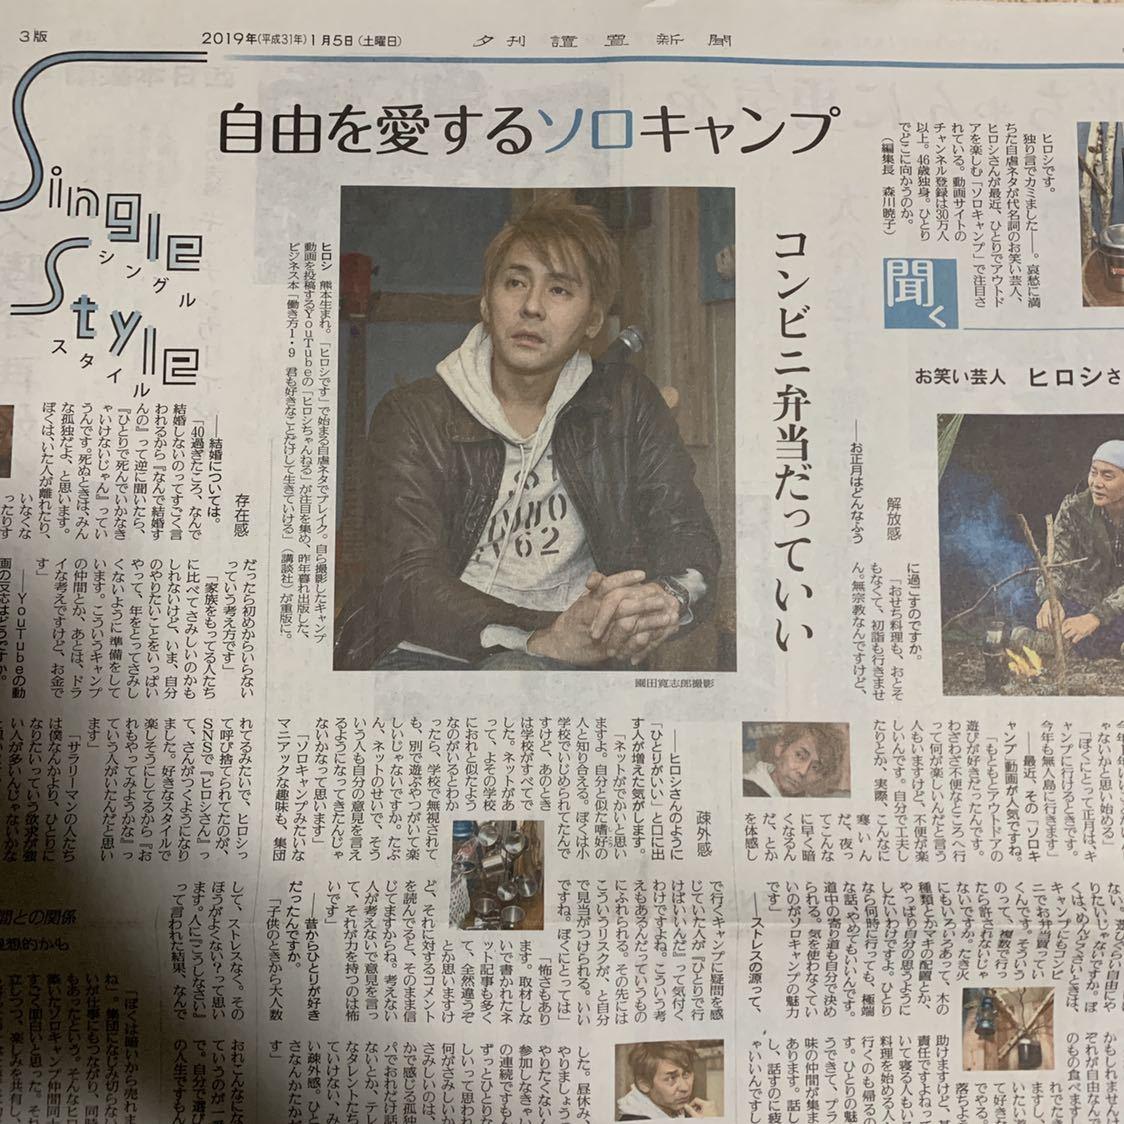 貴重!ヒロシ 読売新聞 2019年1月5日 インタビュー記事 シングルスタイル_画像2